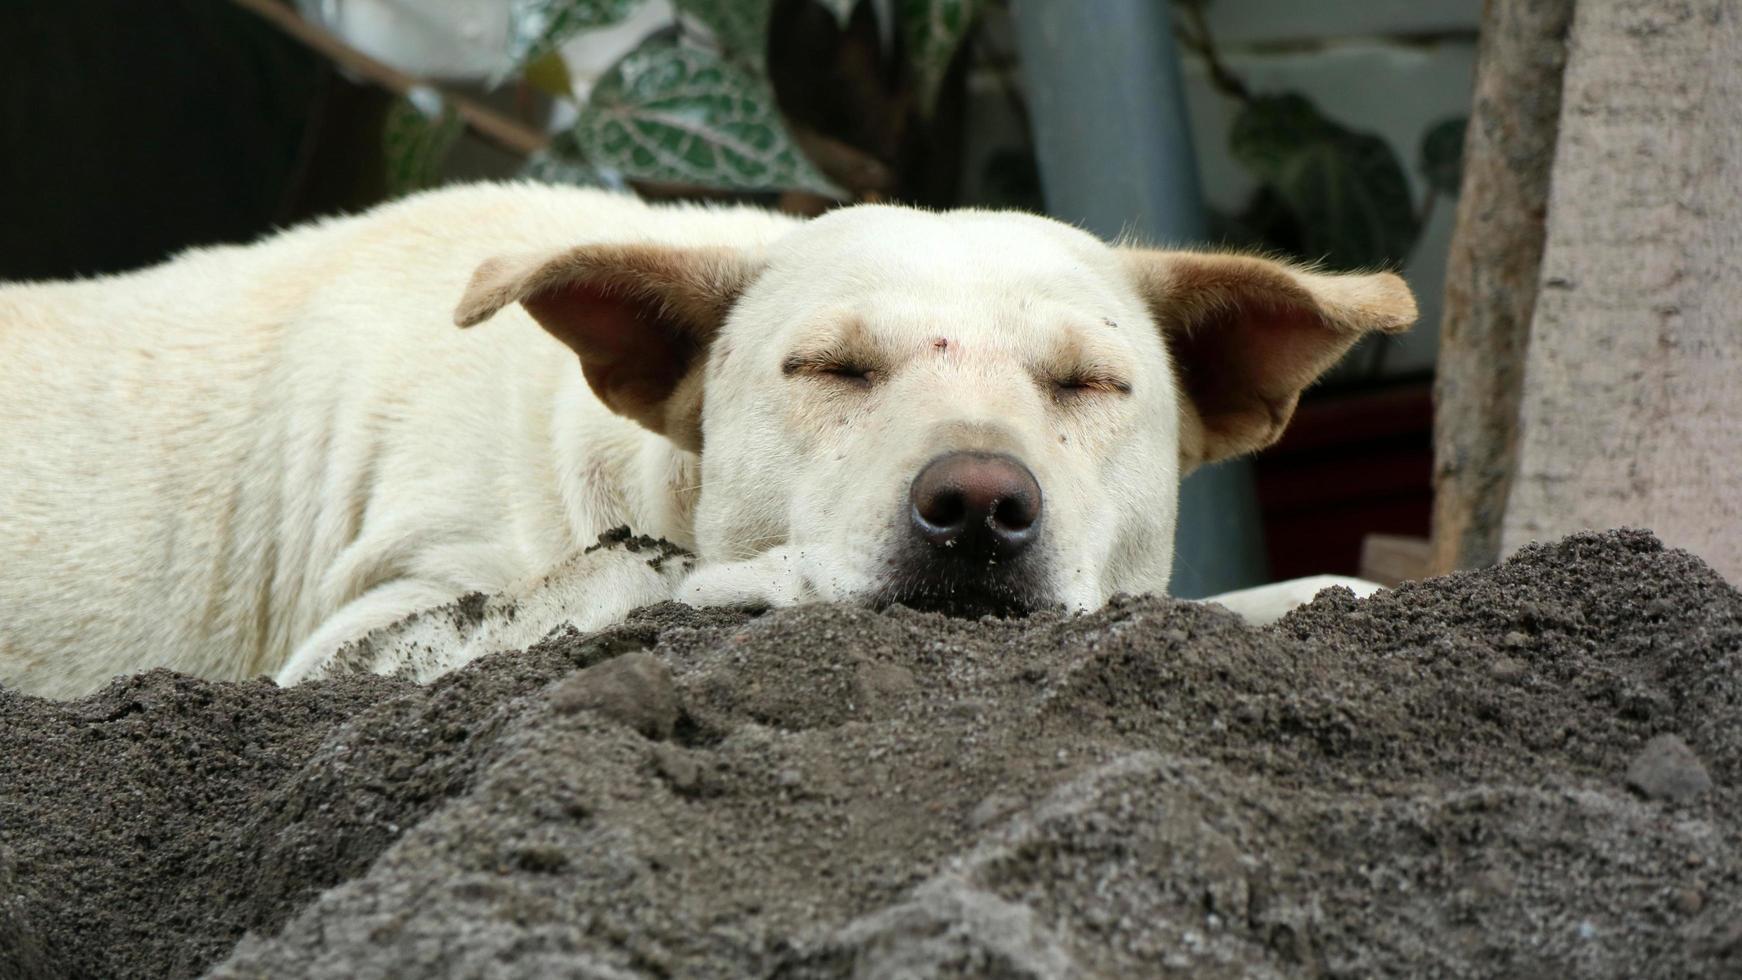 un cane a cui piace dormire sulla sabbia durante il giorno foto